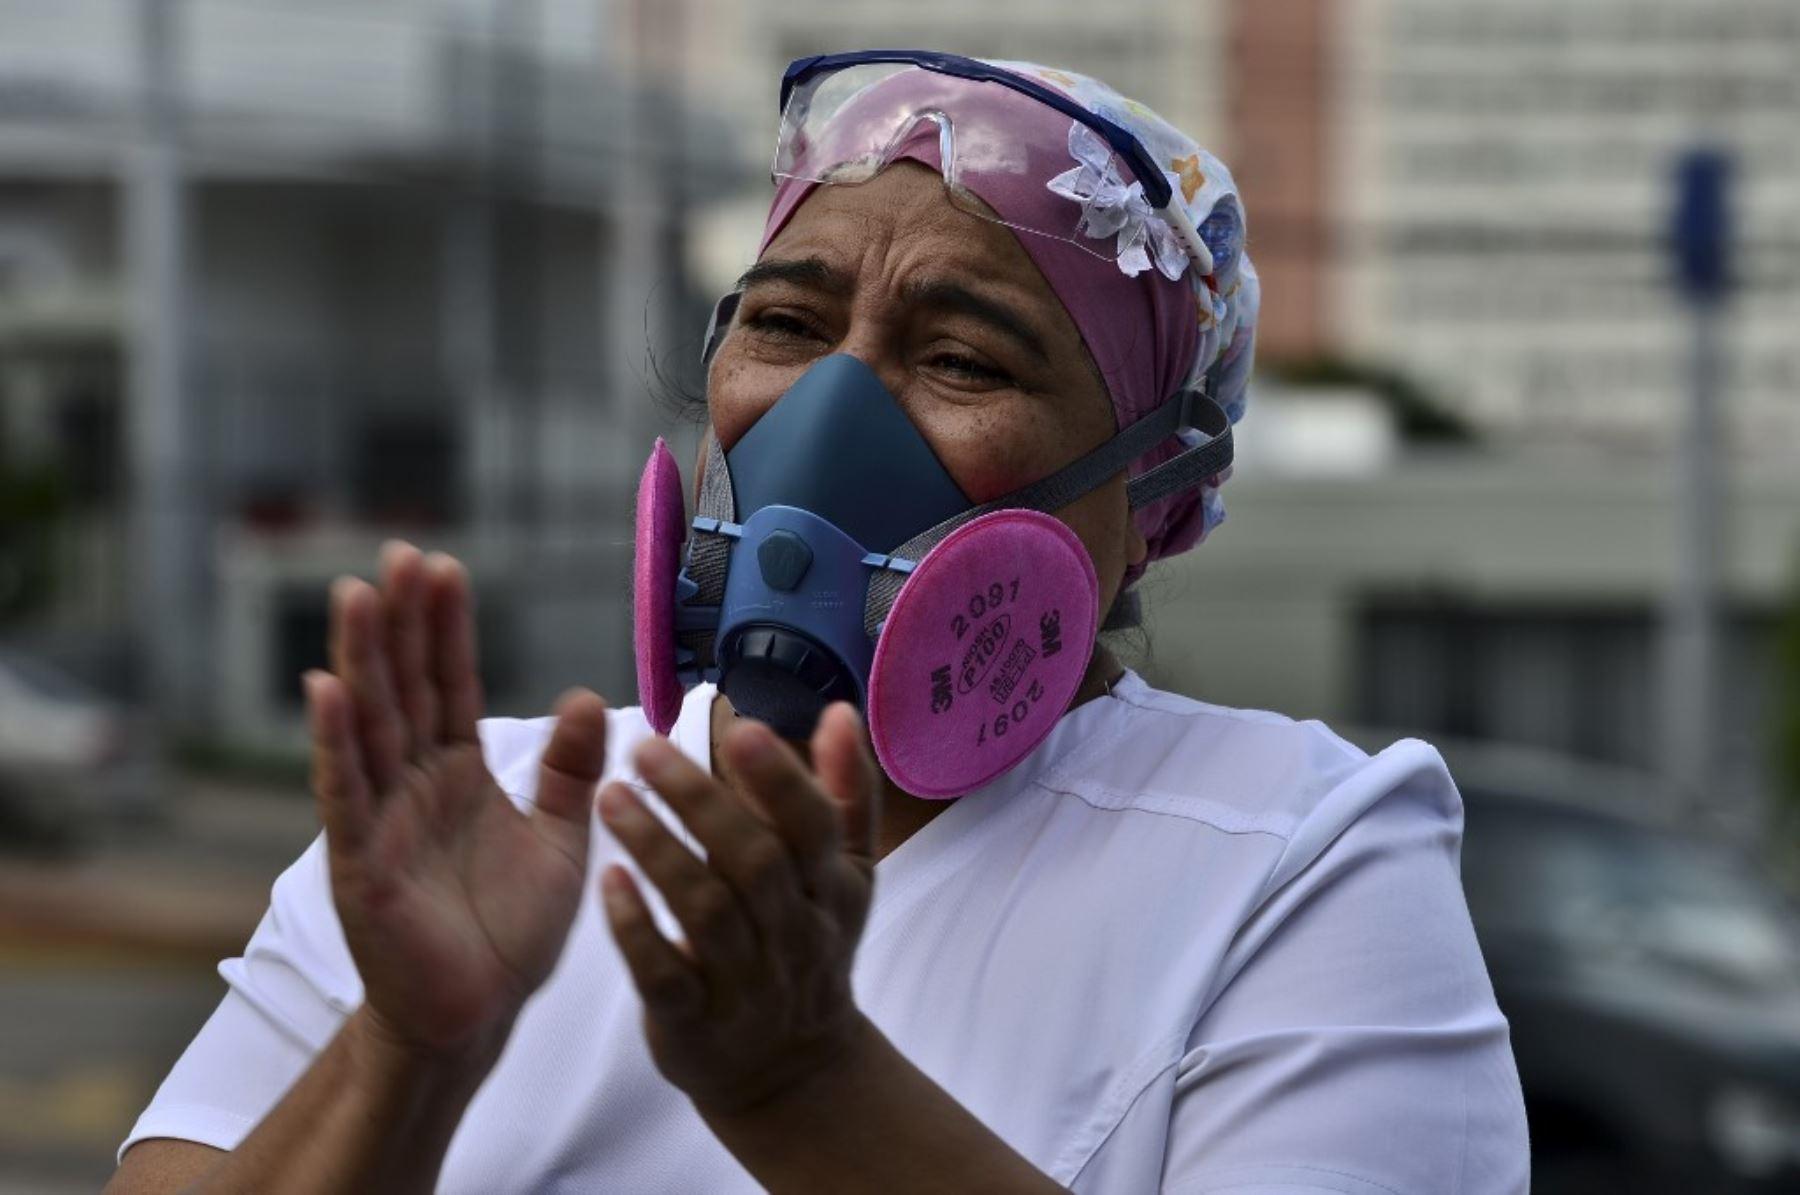 Un colega aplaude durante el funeral de un enfermero del Instituto Hondureño de Seguridad Social, que murió de covid-19, en Tegucigalpa. Foto: AFP